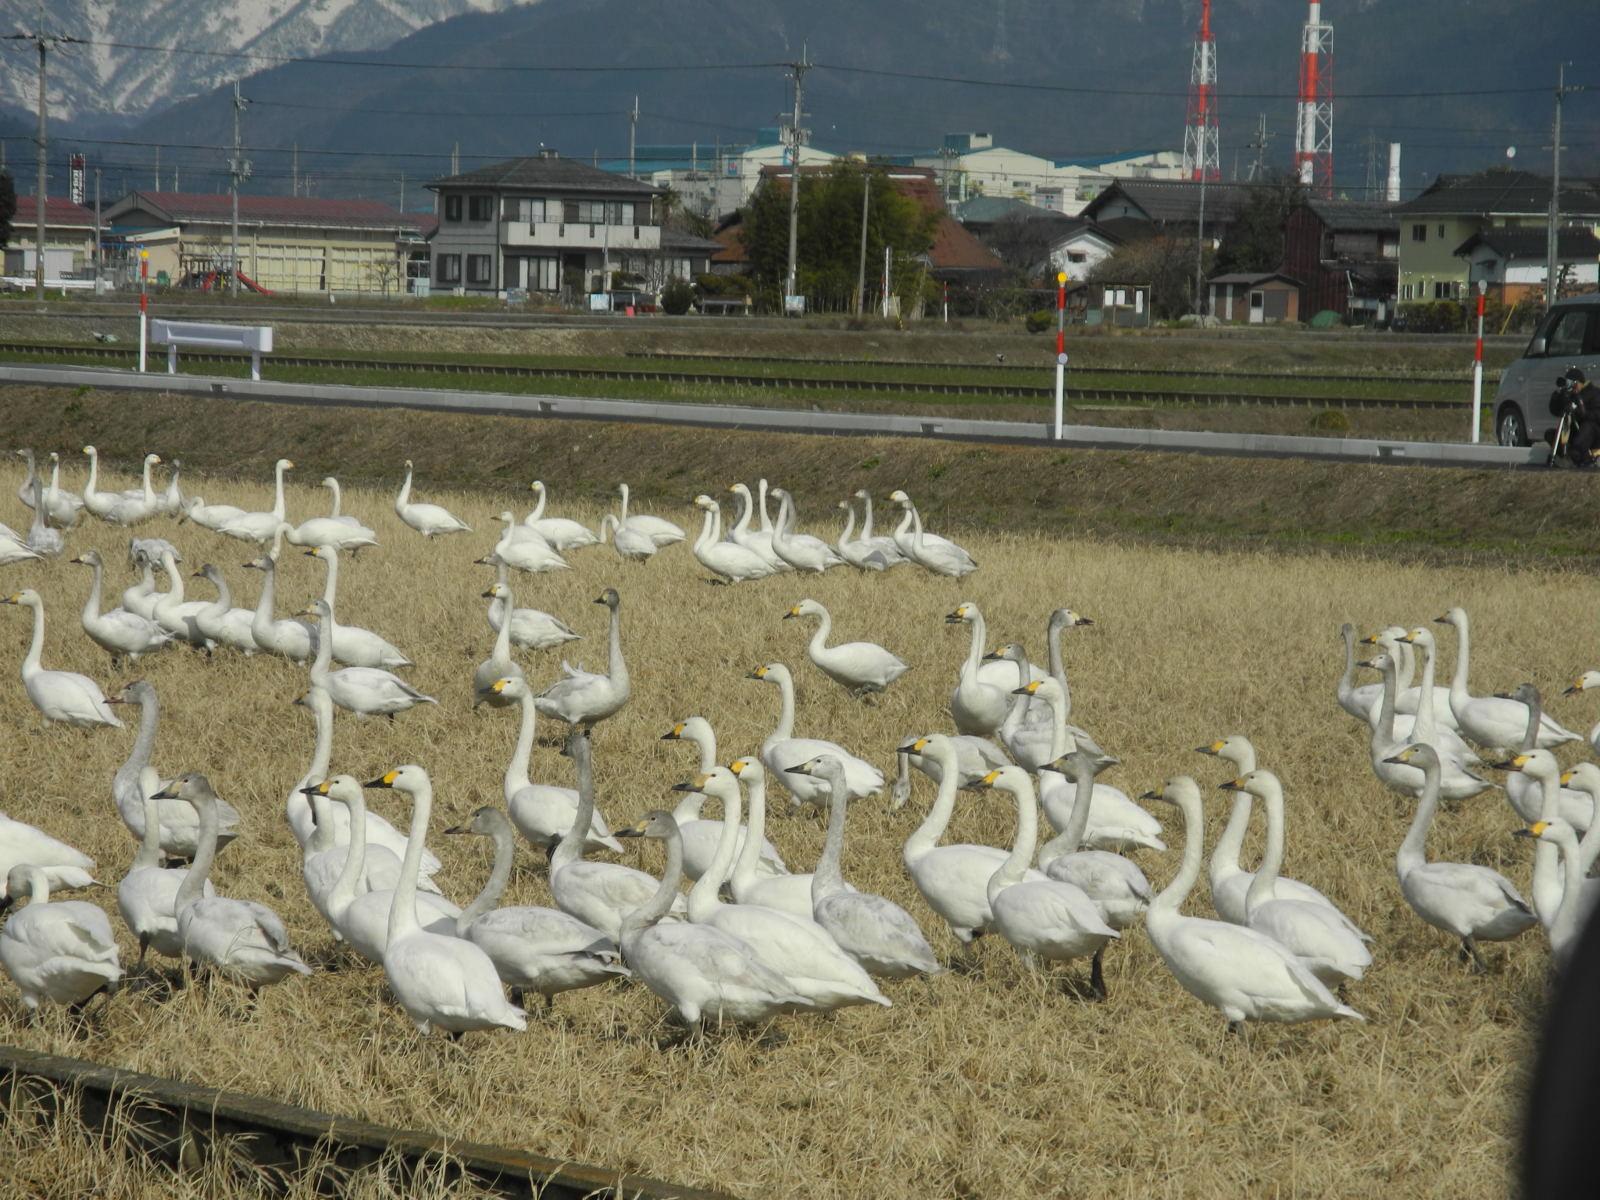 【白鳥】カモ目カモ科総合スレッド【雁】YouTube動画>18本 ->画像>159枚